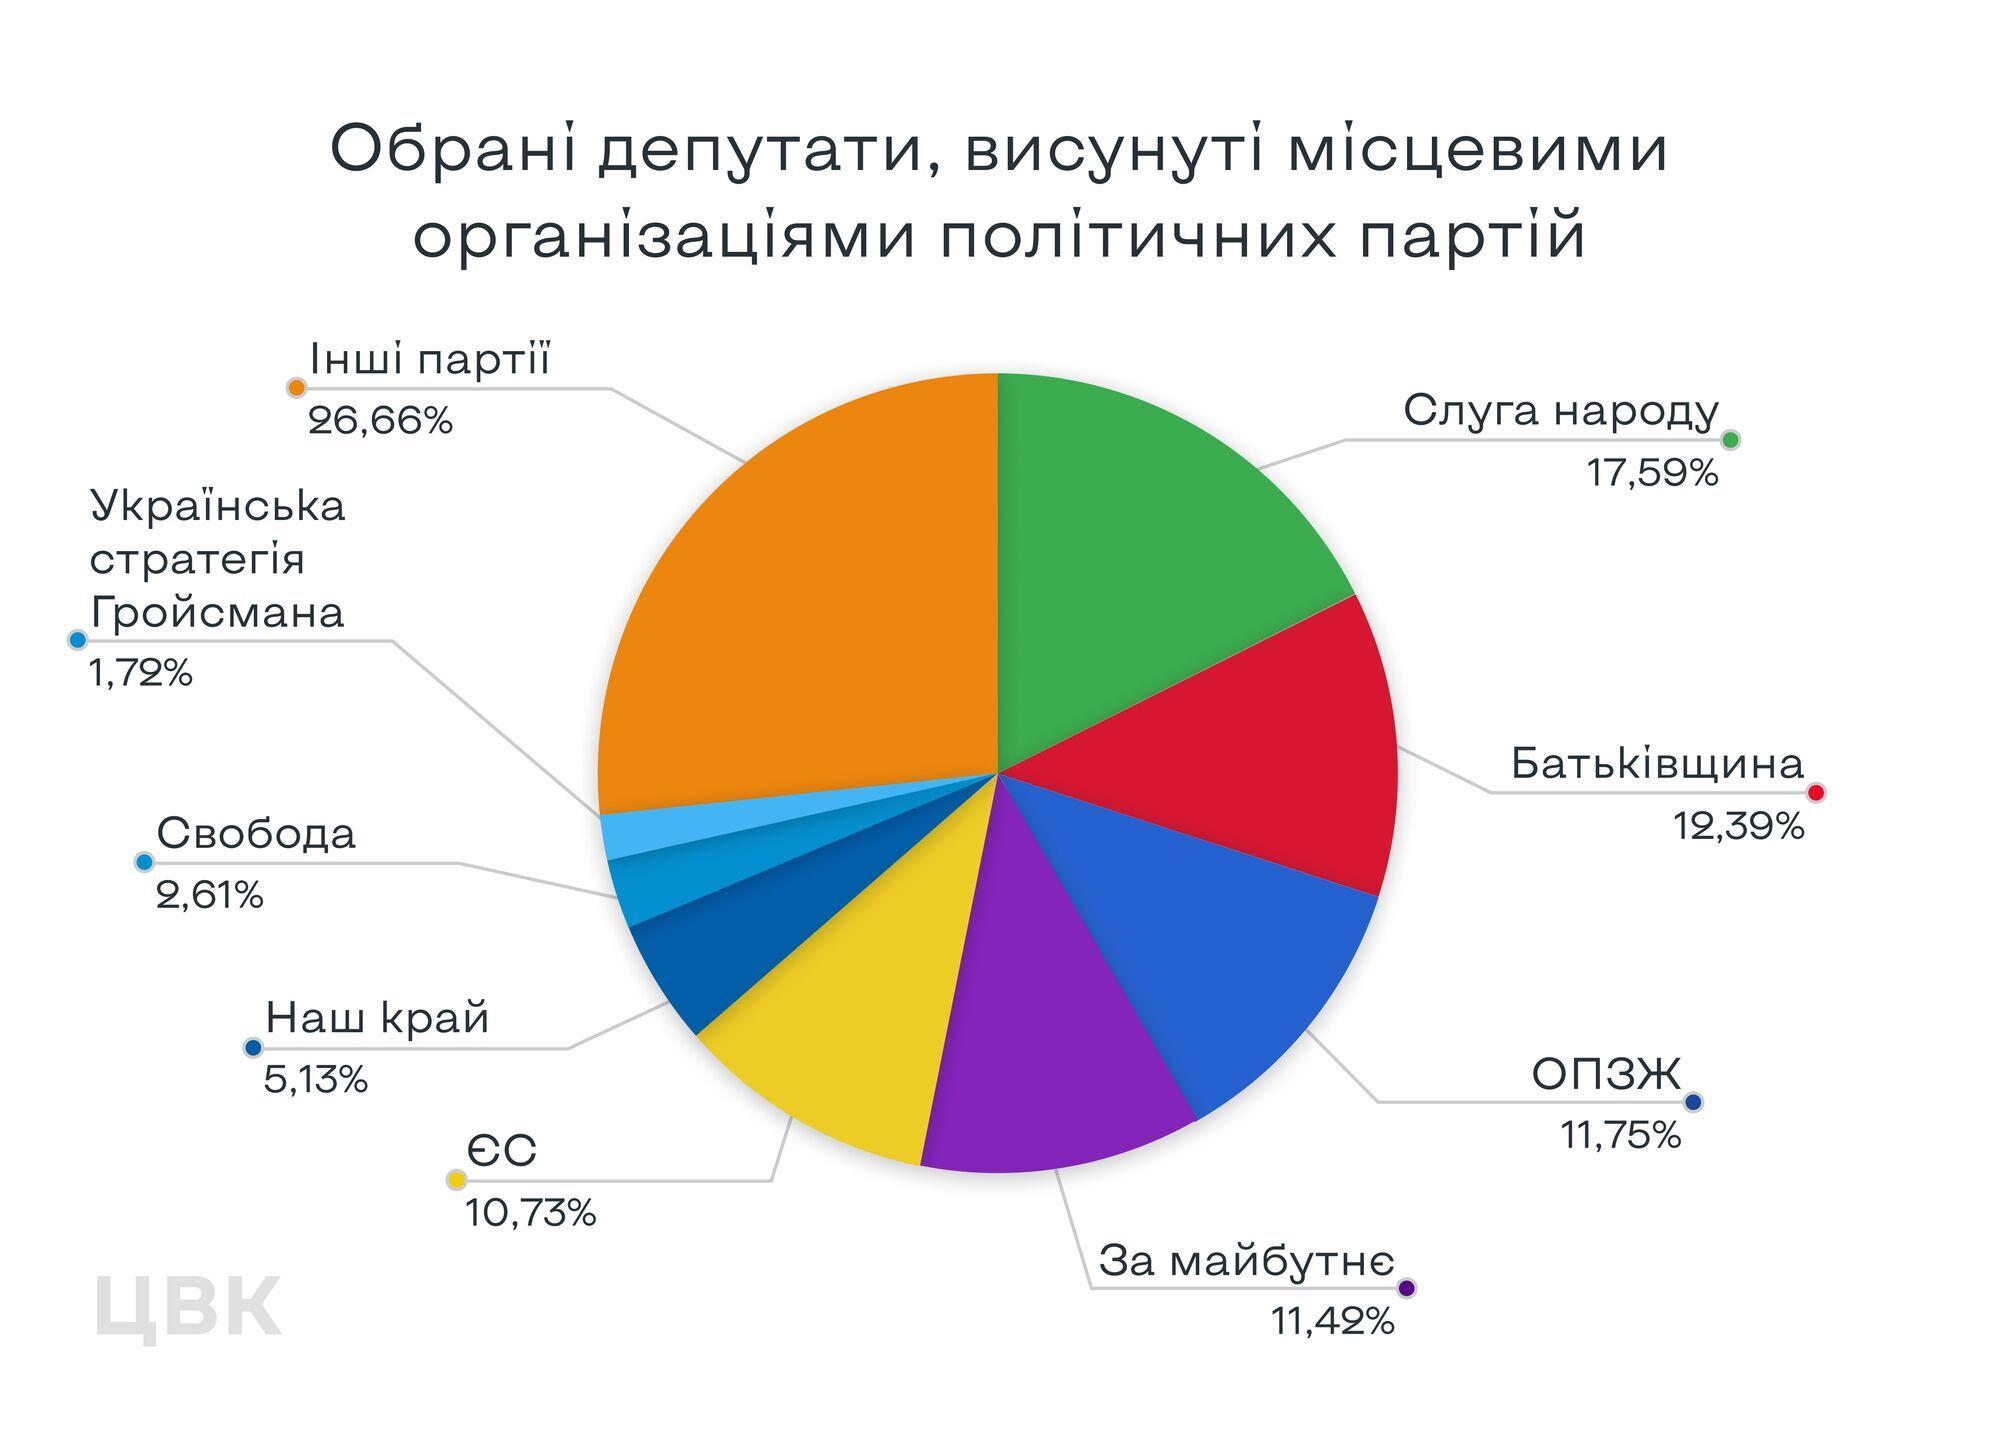 """Переможцями місцевих виборів стали """"Слуга народу"""" та """"Батьківщина"""" – ЦВК"""